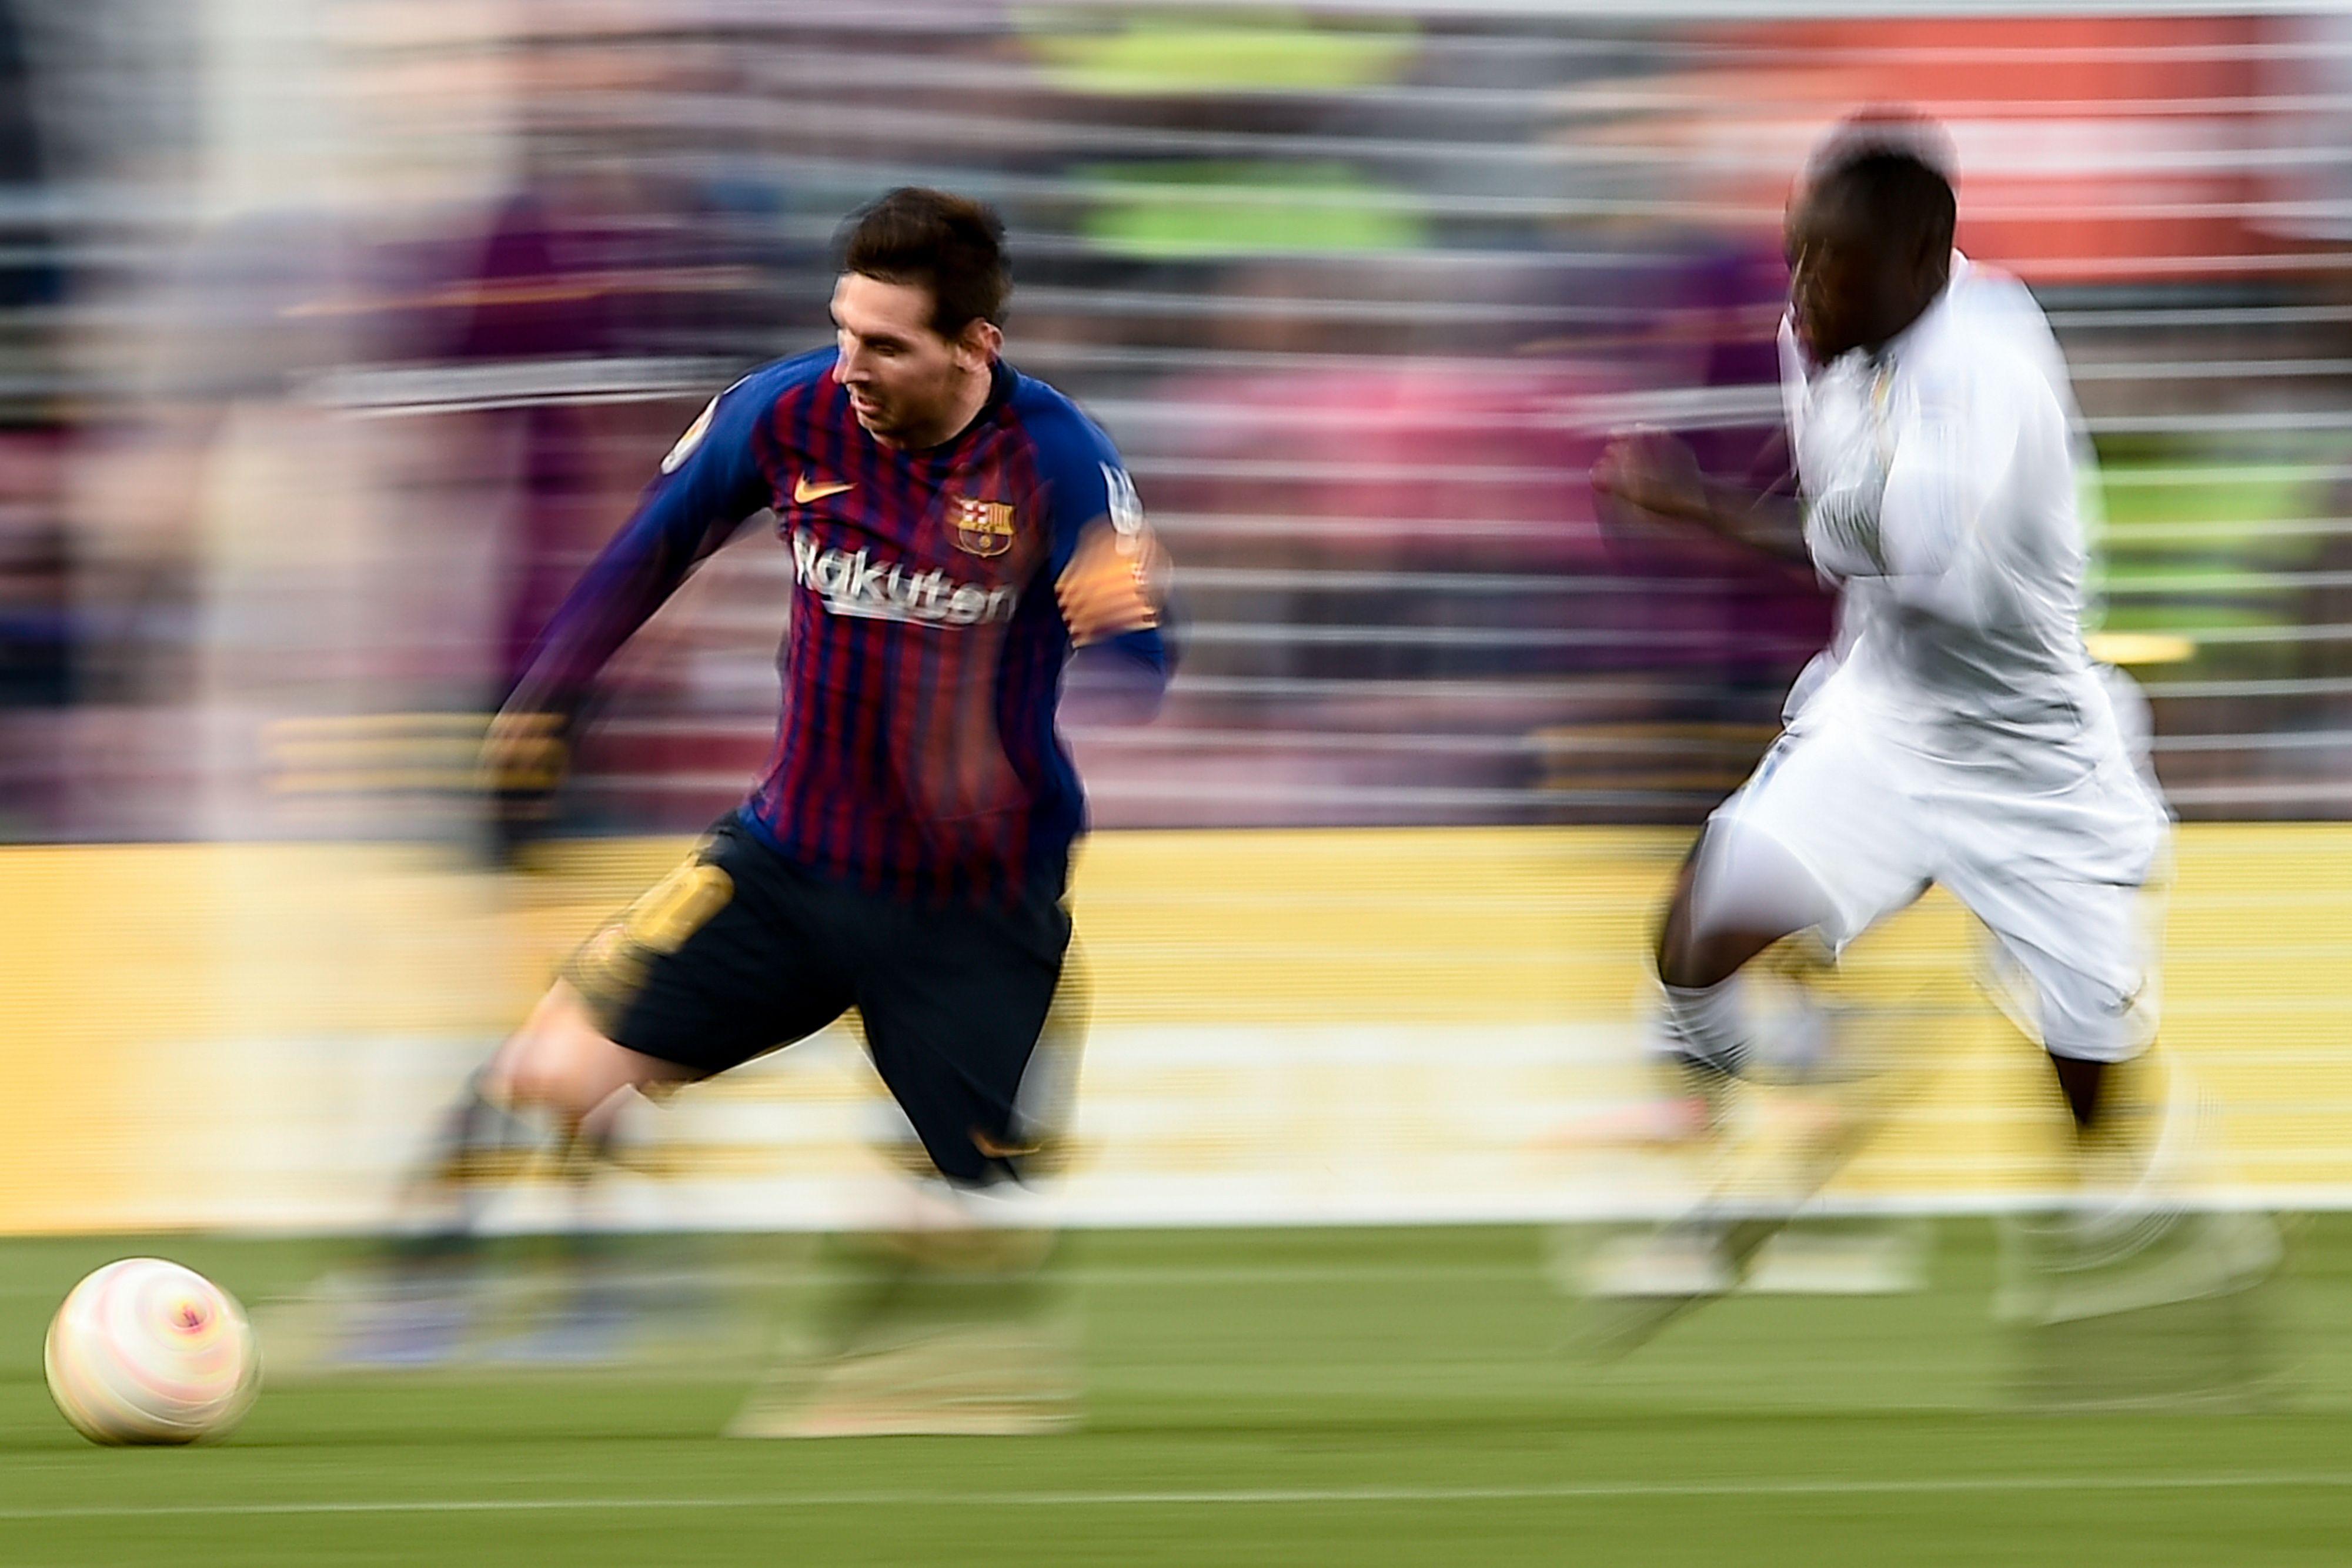 Lionel Messi es toda una leyenda en la tabla histórica de goleadores. (Foto Prensa libre: AFP)